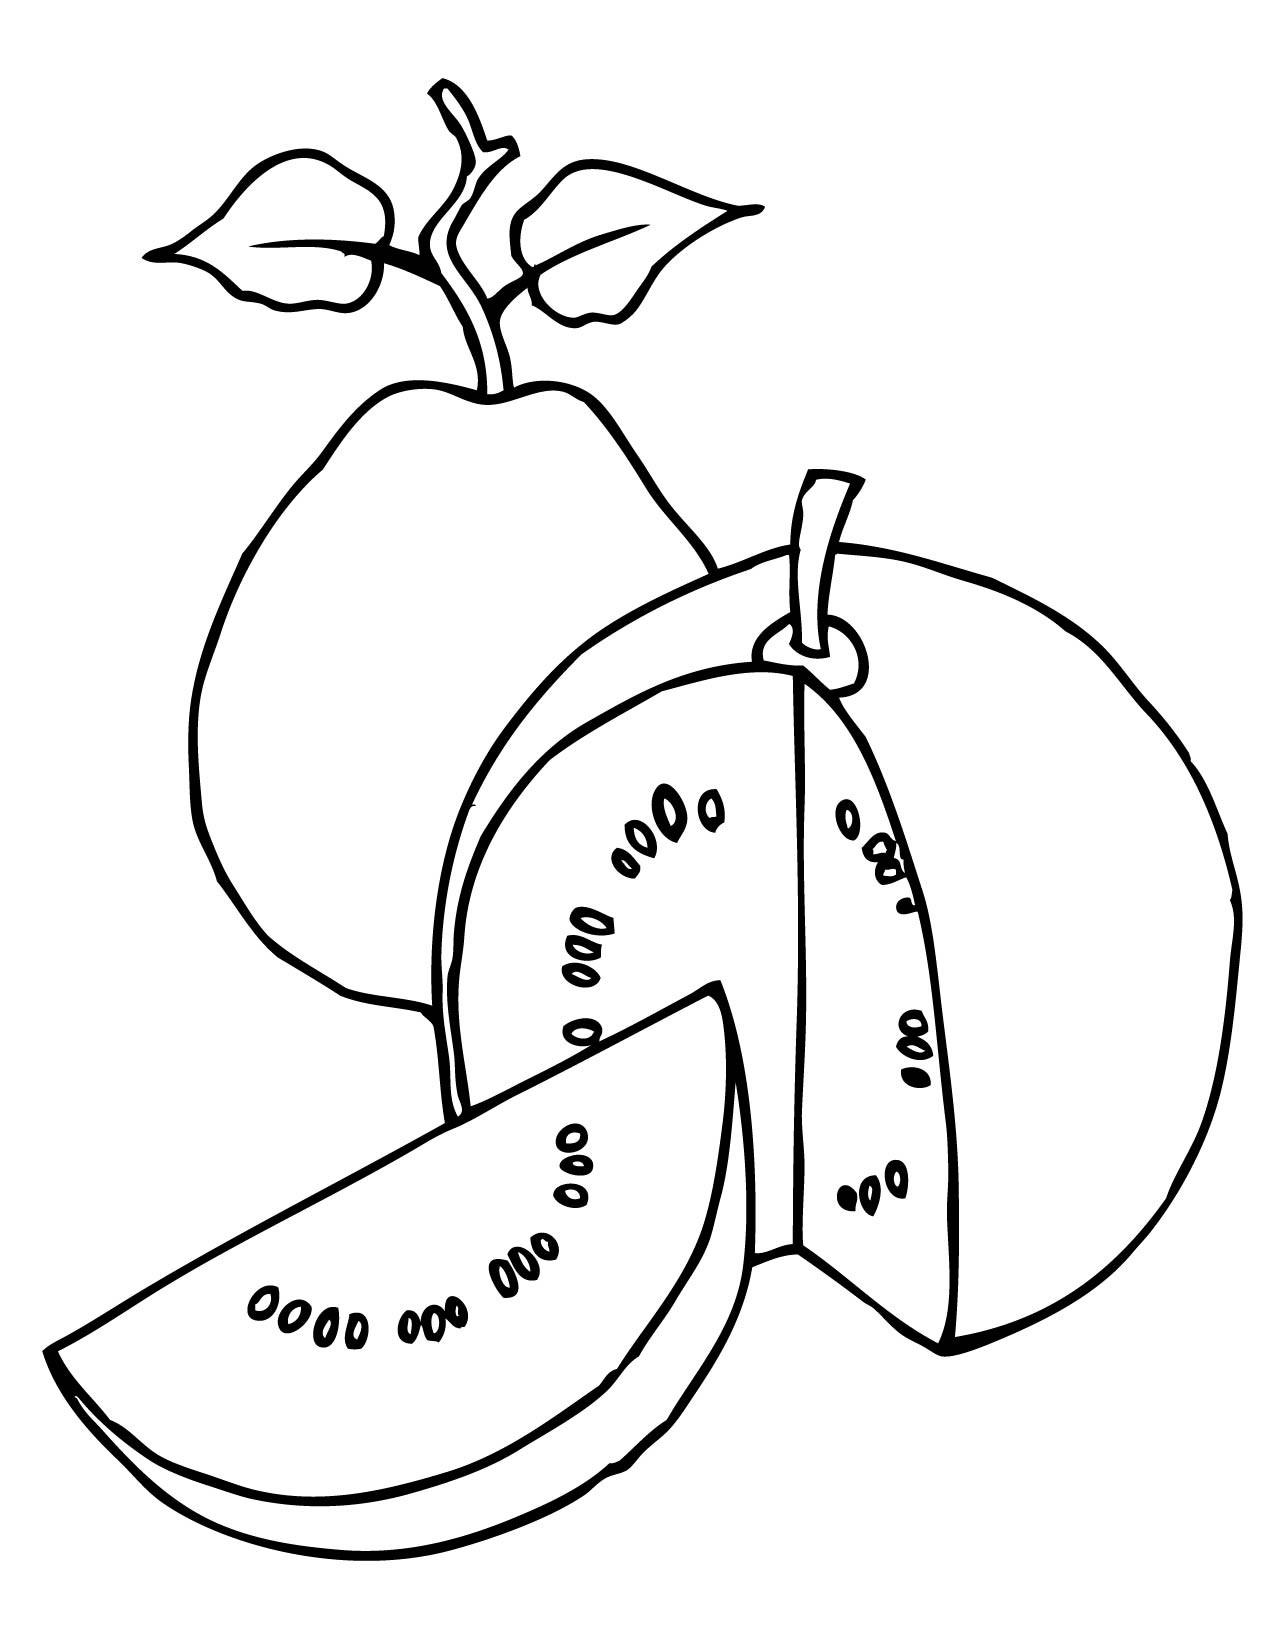 Guava Drawing At Getdrawings